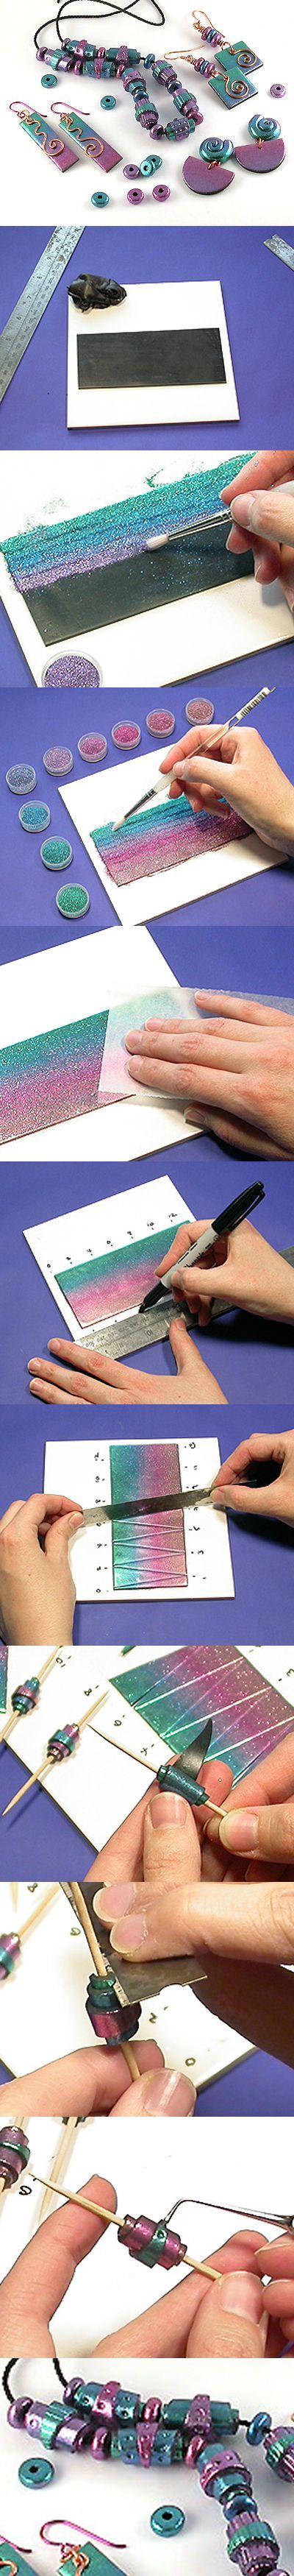 .Principiante del polimero & Glitter Bead Progetto